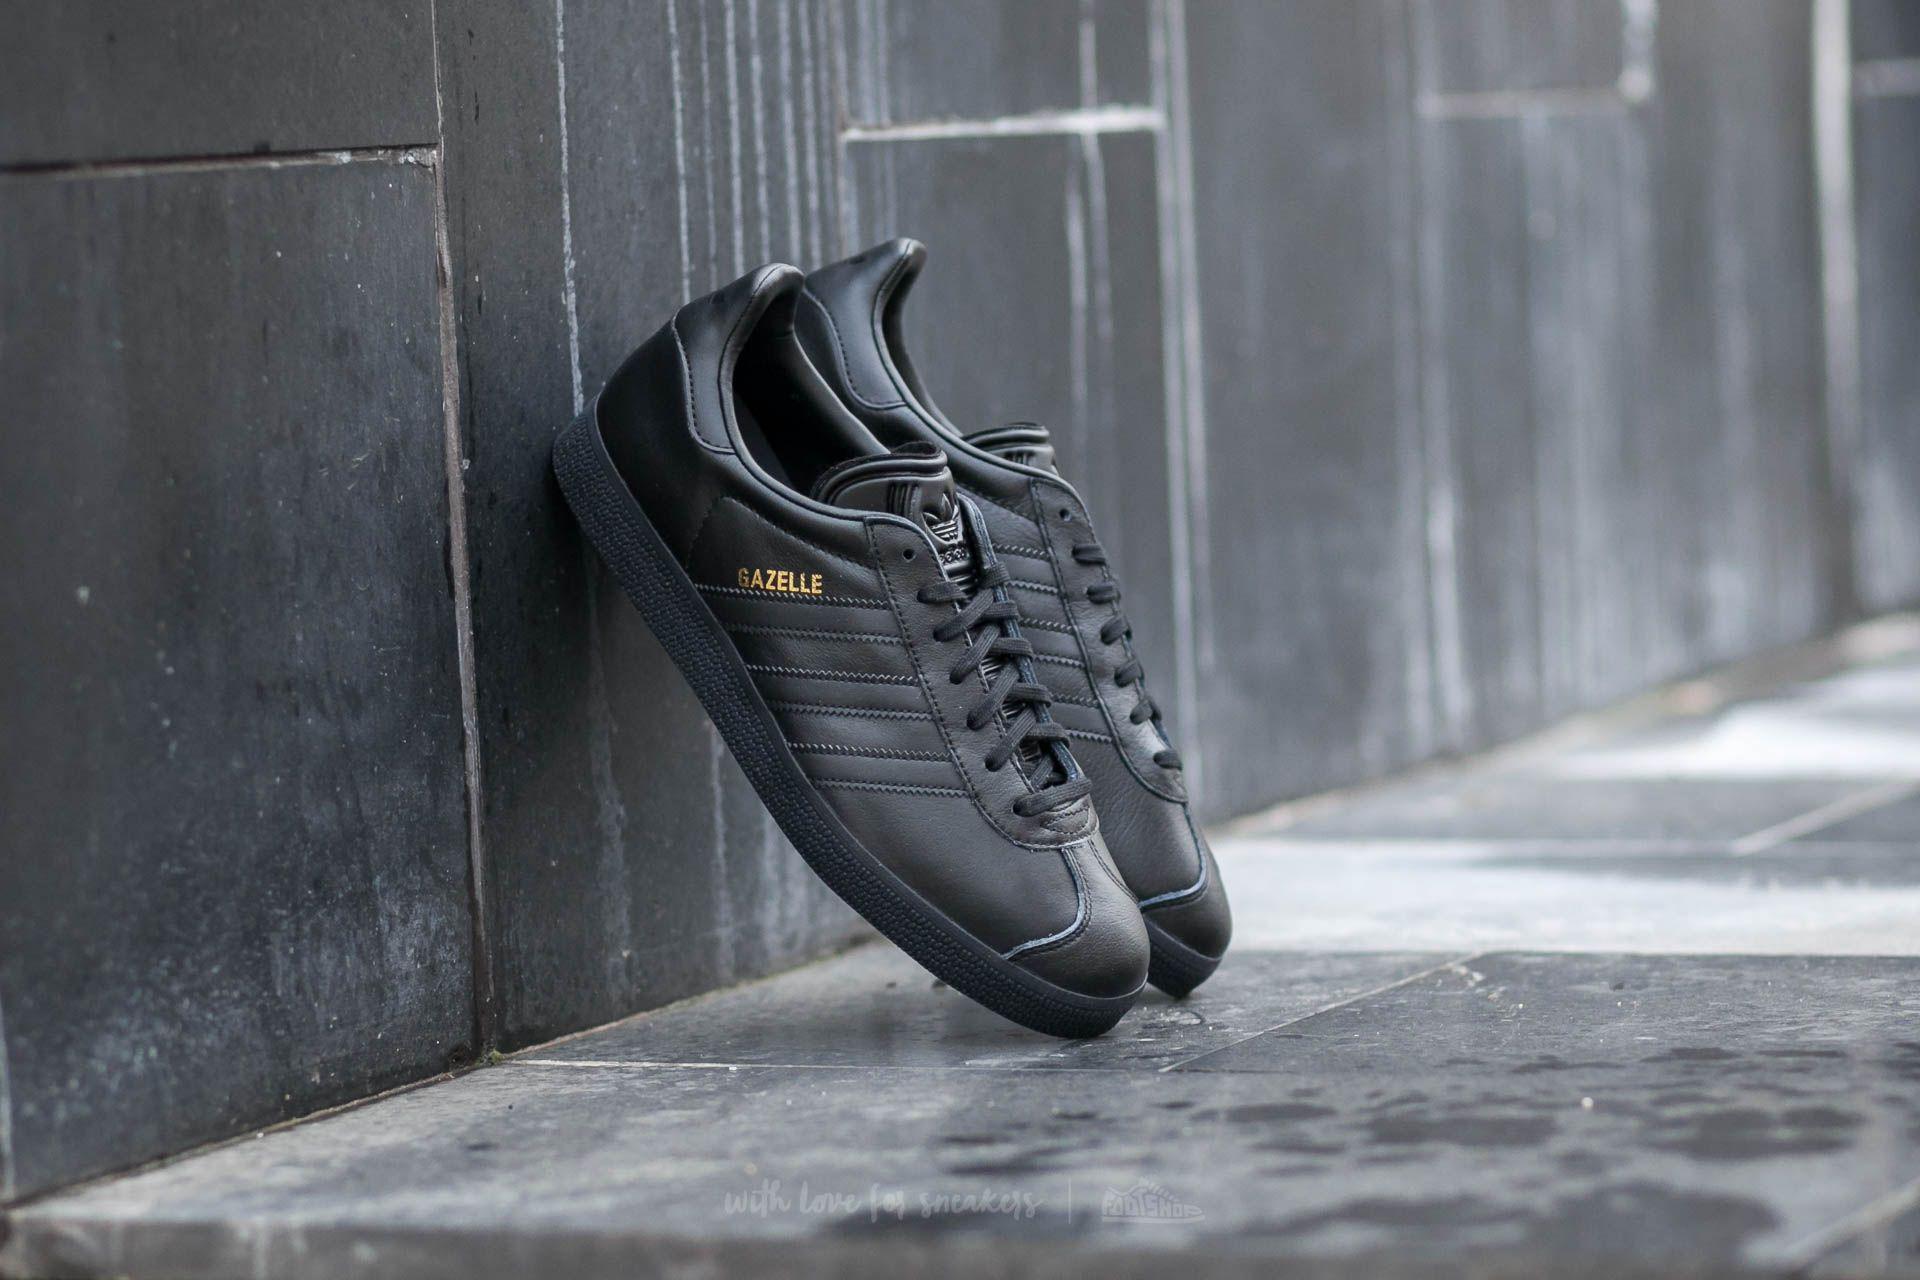 34a40688ba65 adidas Gazelle Core Black  Core Black  Gold Metallic